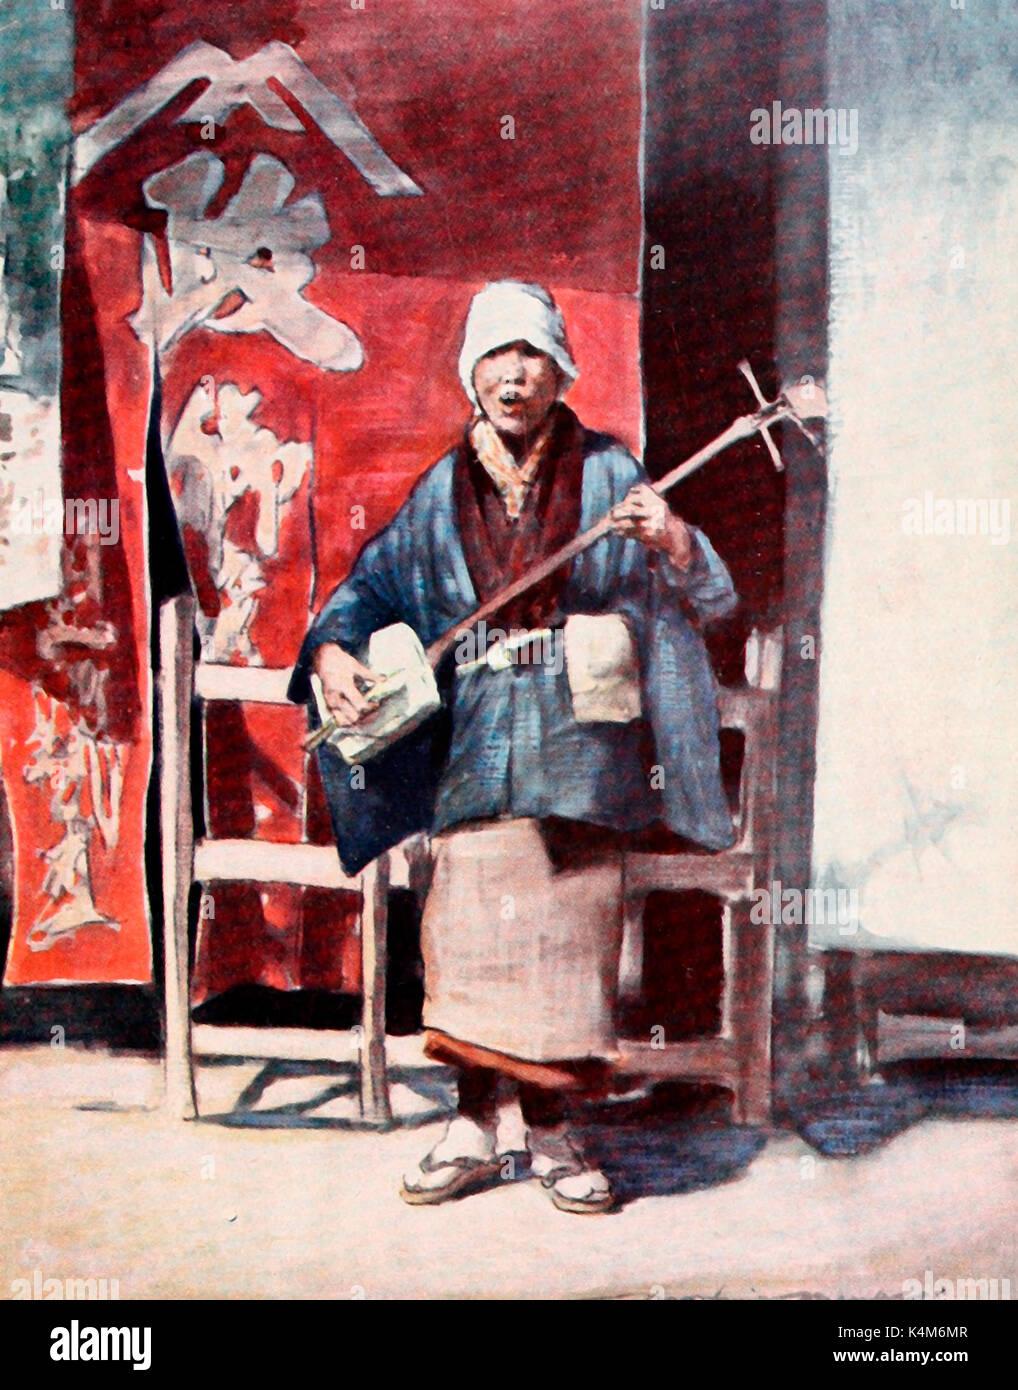 Einem blinden Bettler in Japan, um 1900 Stockbild